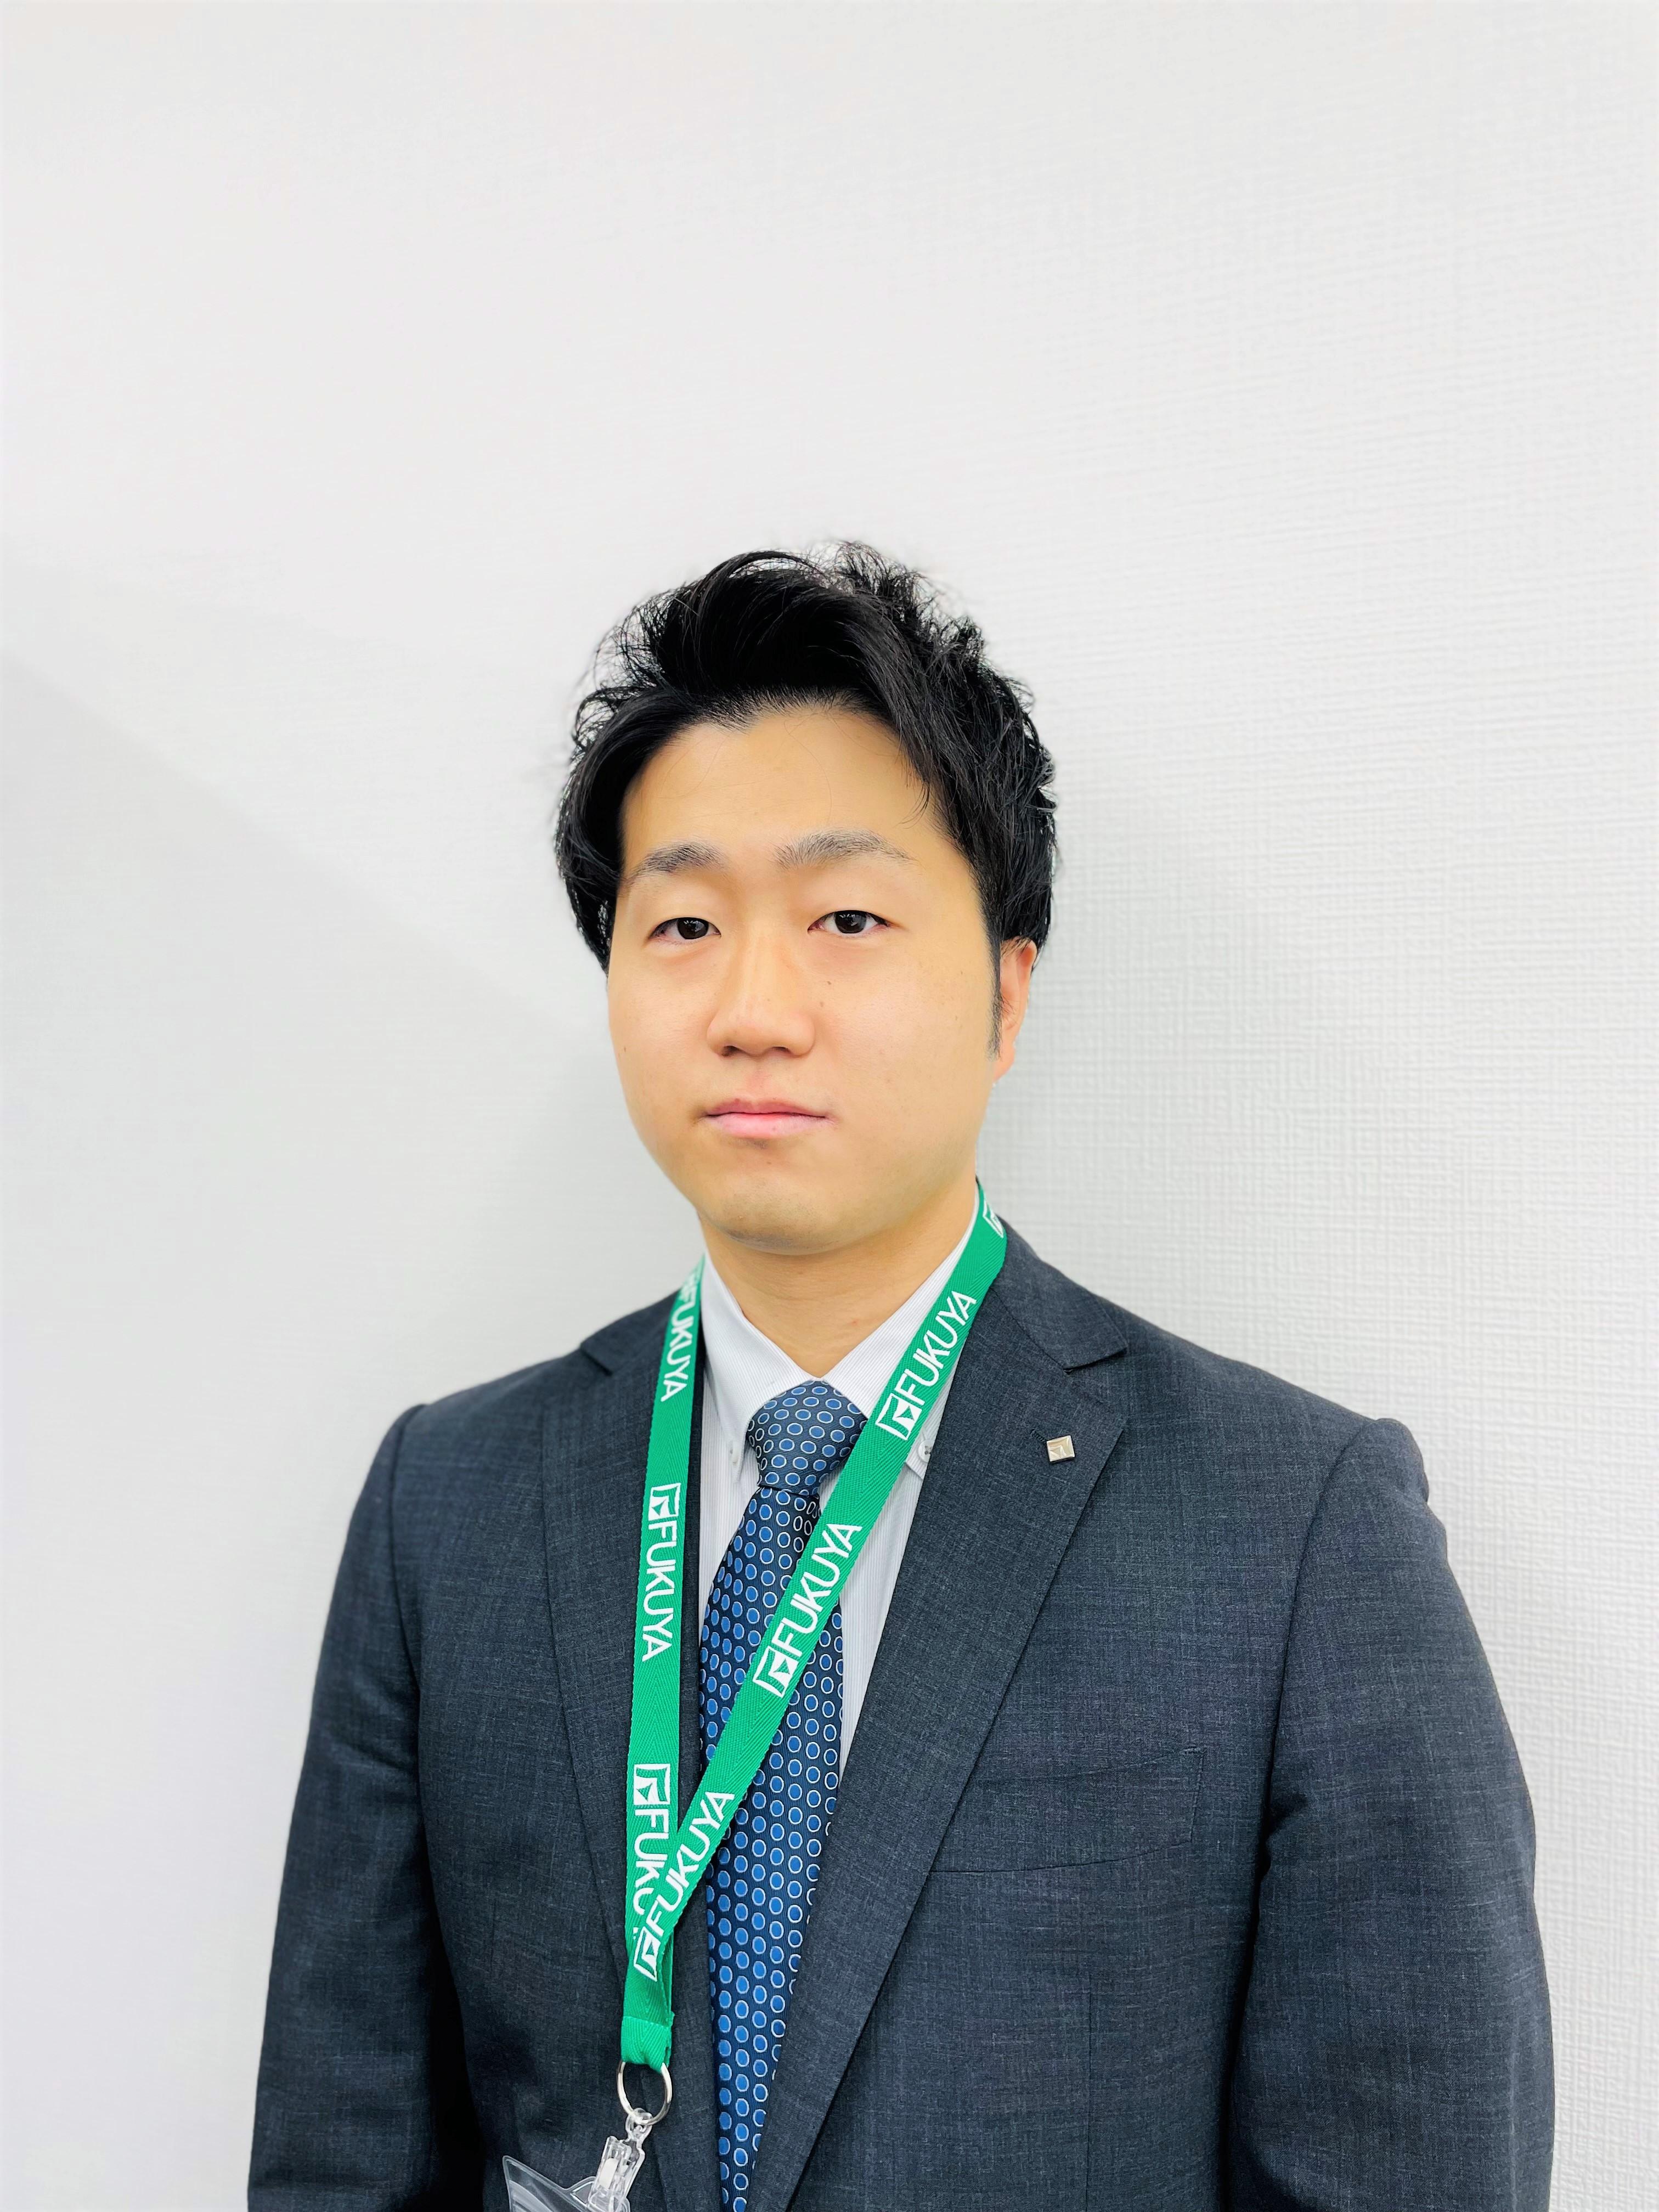 中川 裕亮 (なかがわ ゆうすけ)